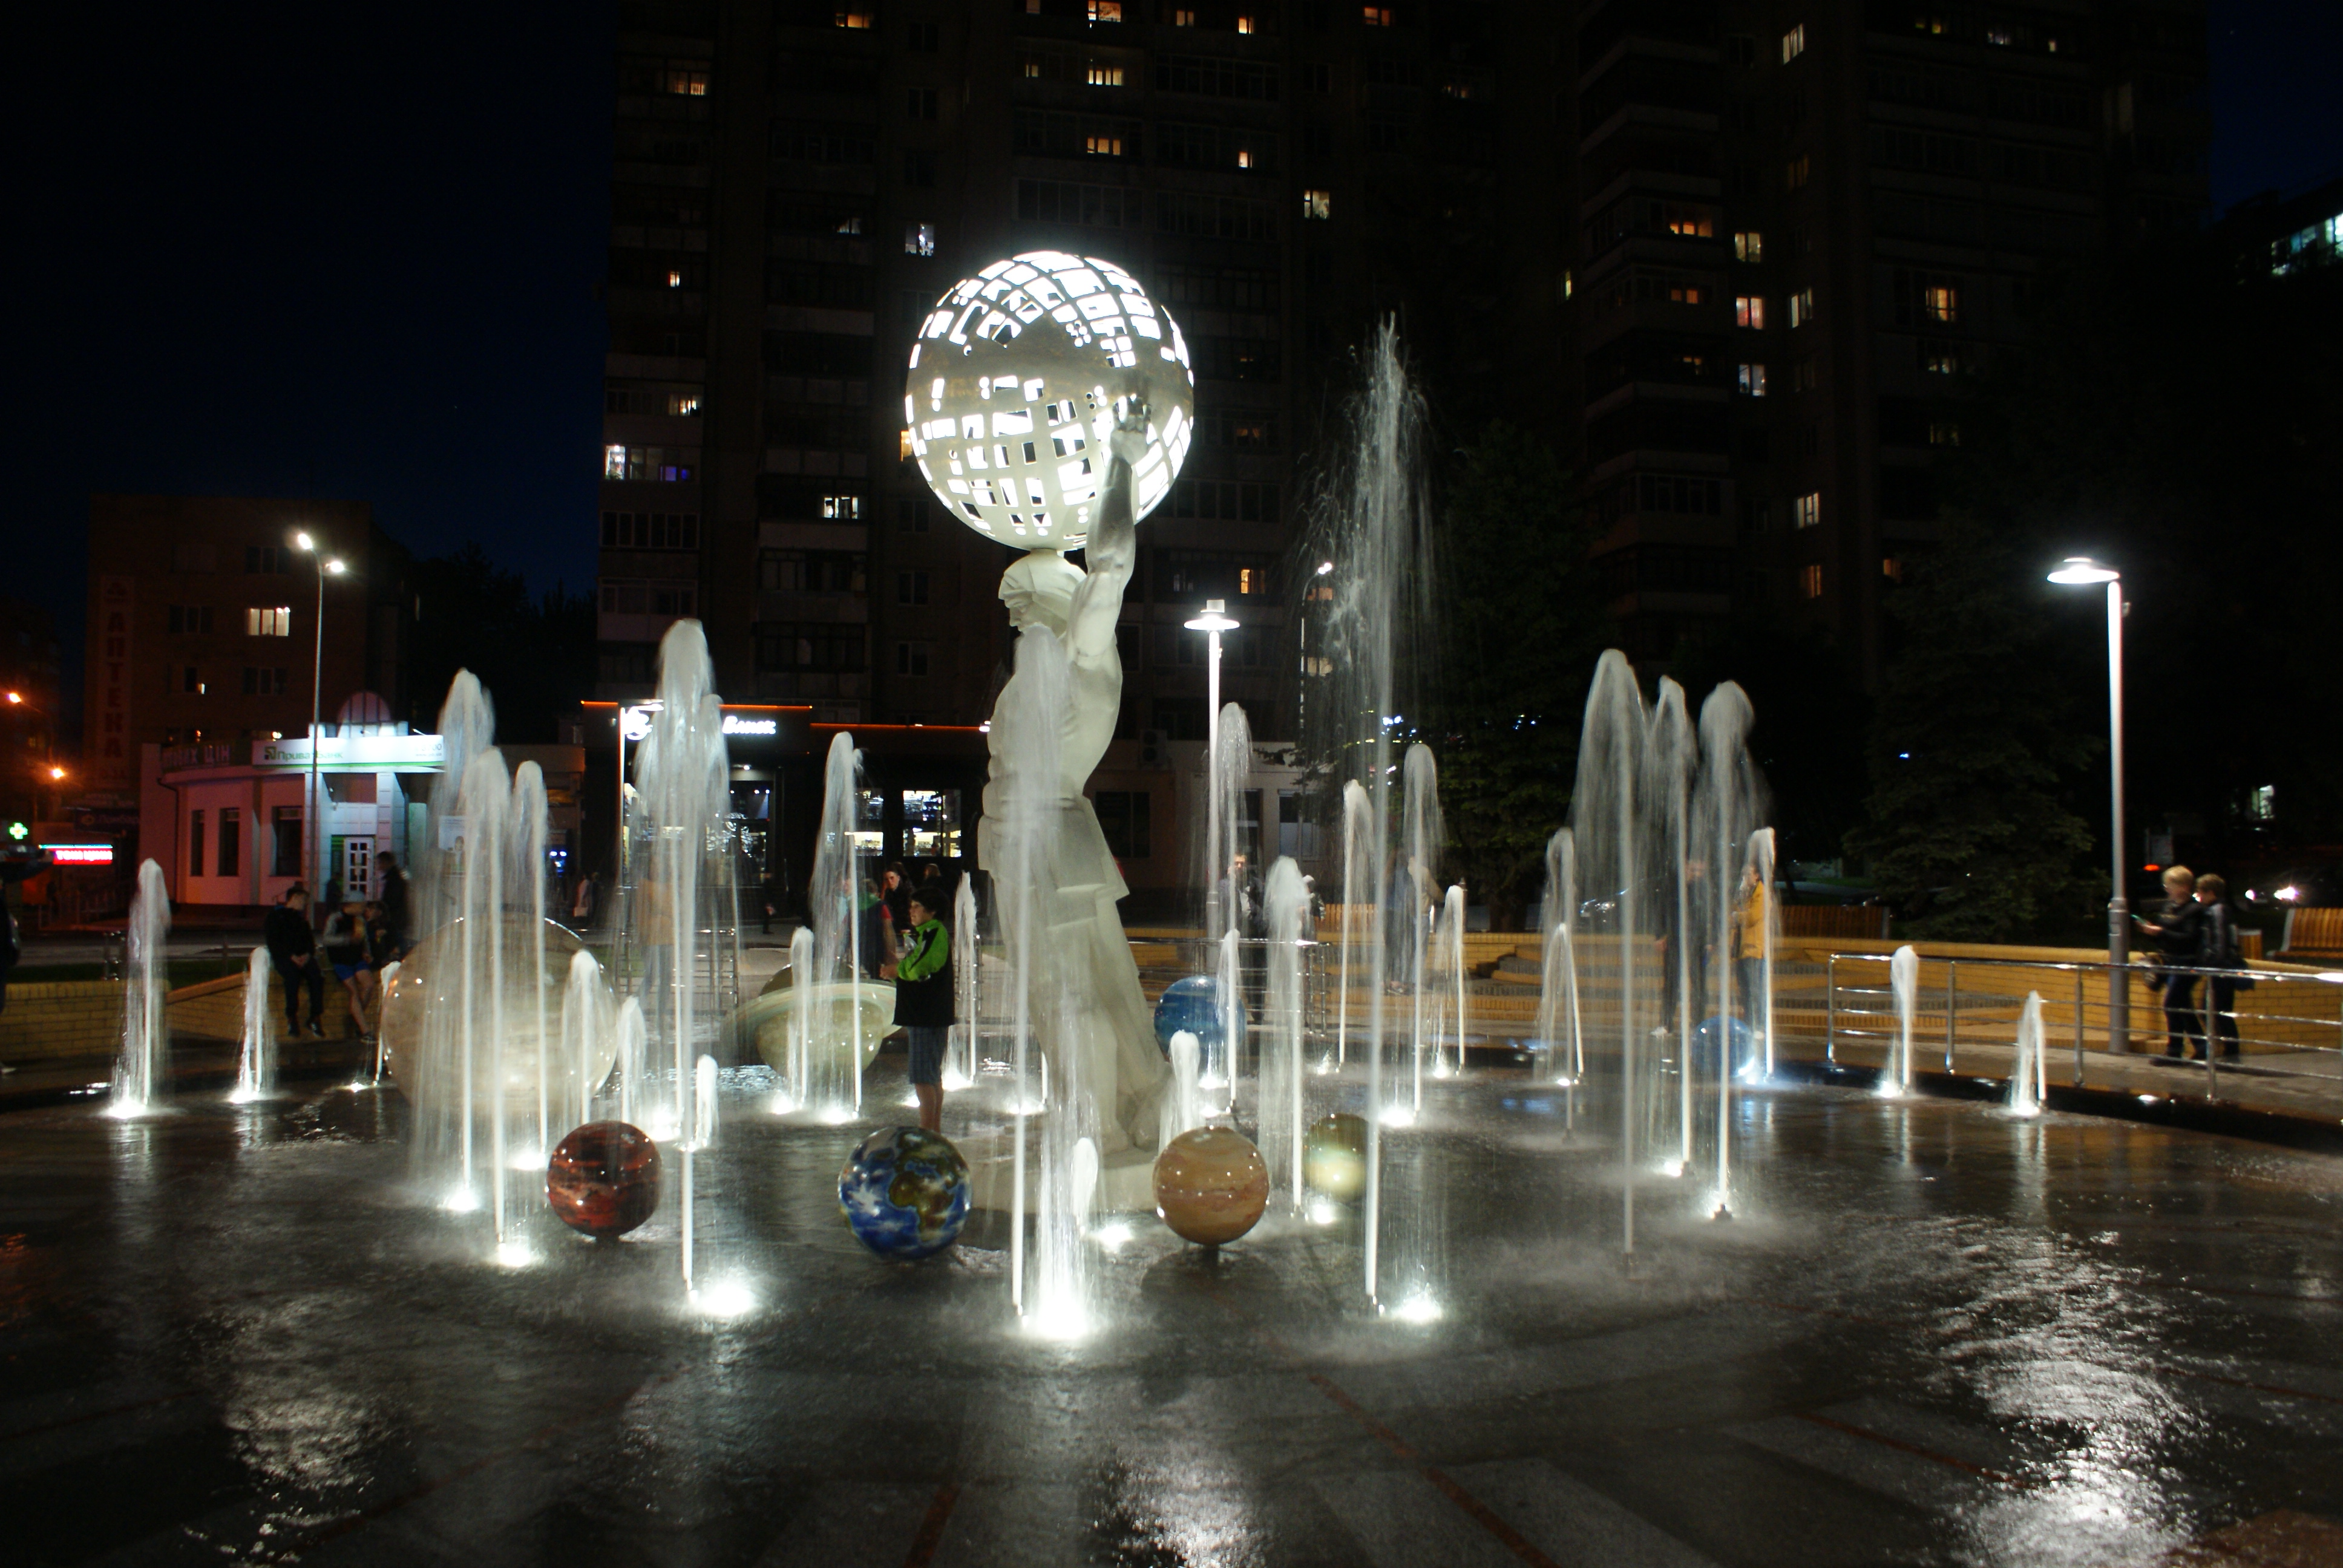 Вечірній фонтан з планетами схожий на космічну казку (Фото)